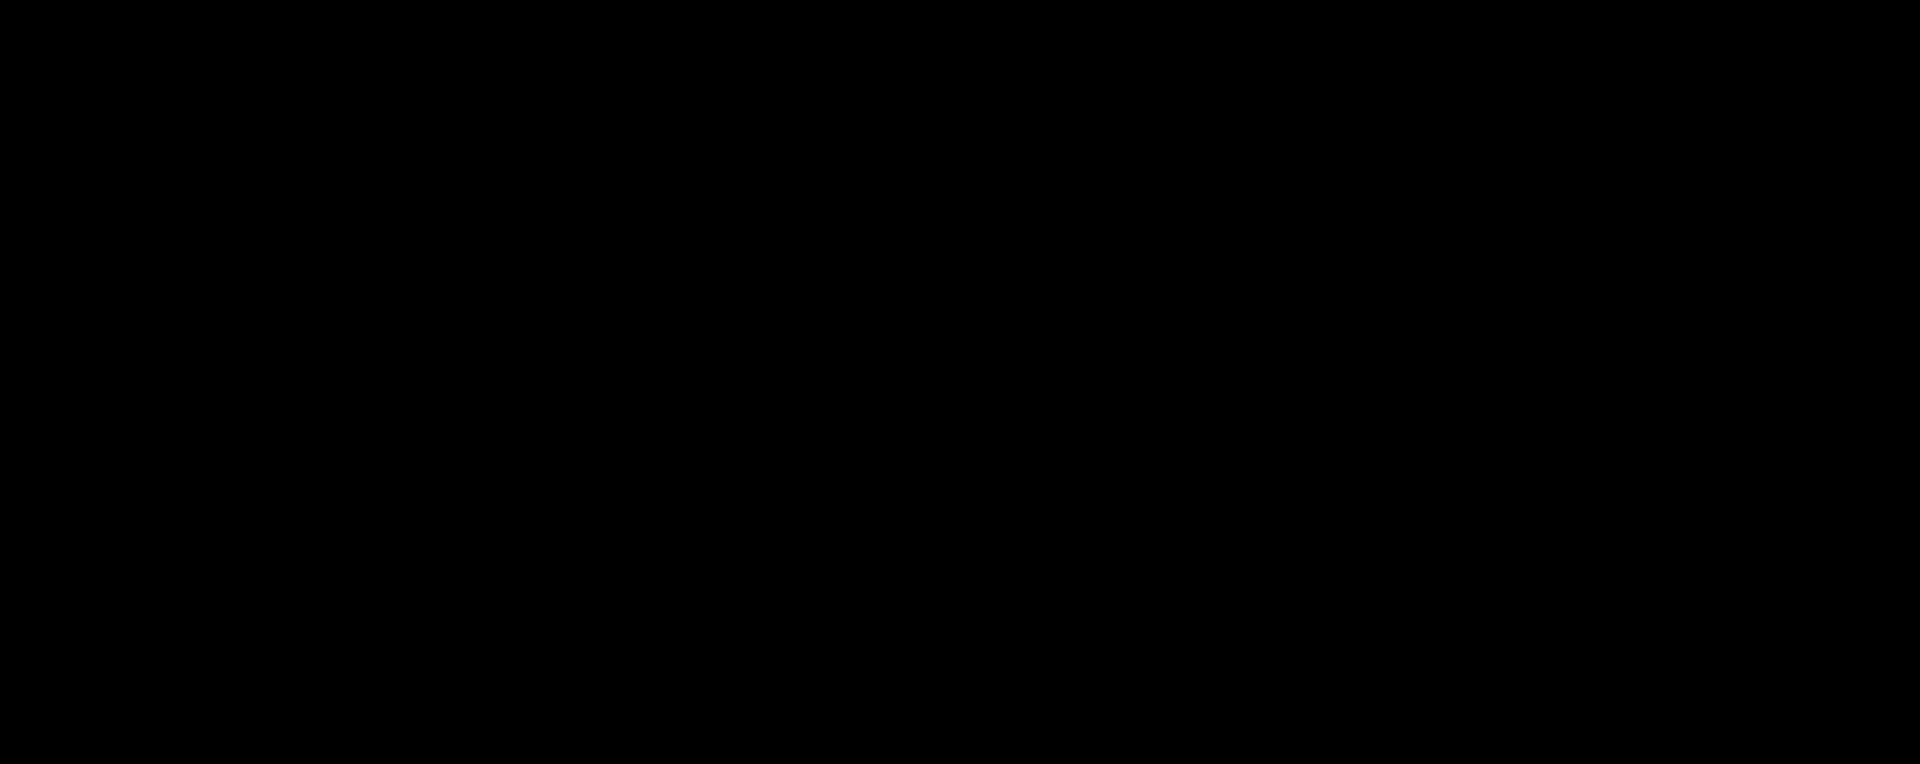 Símbolo Solidário